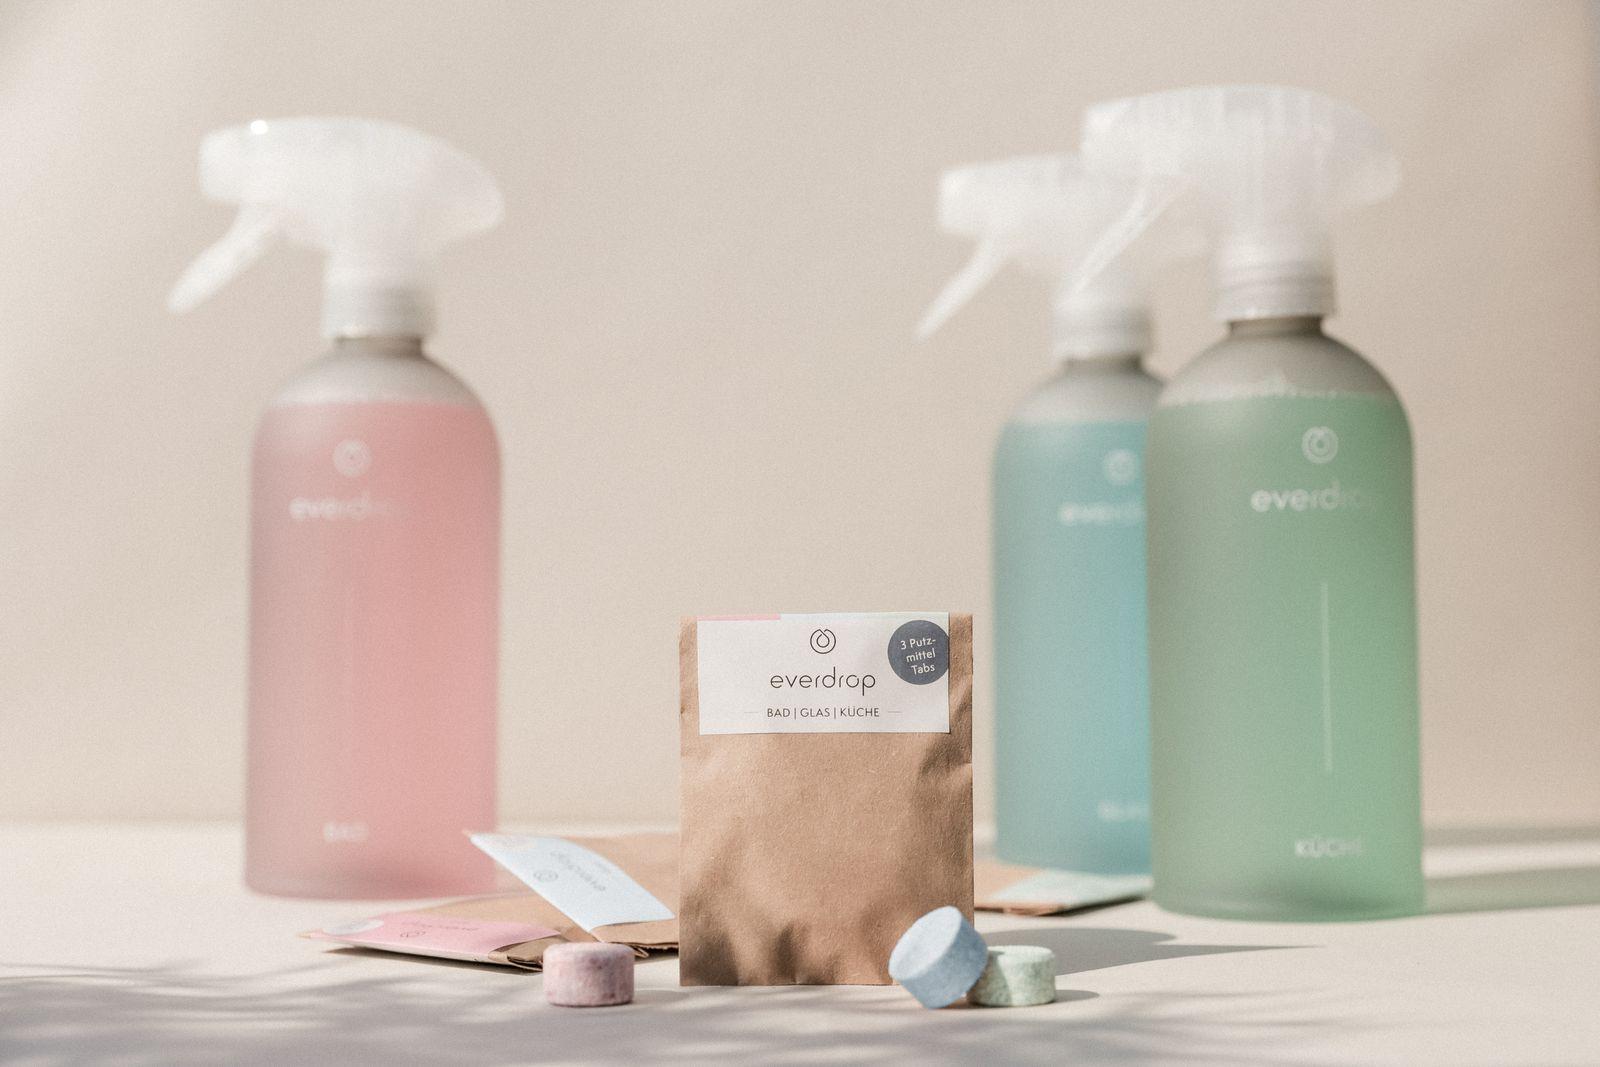 everdrop Produkte